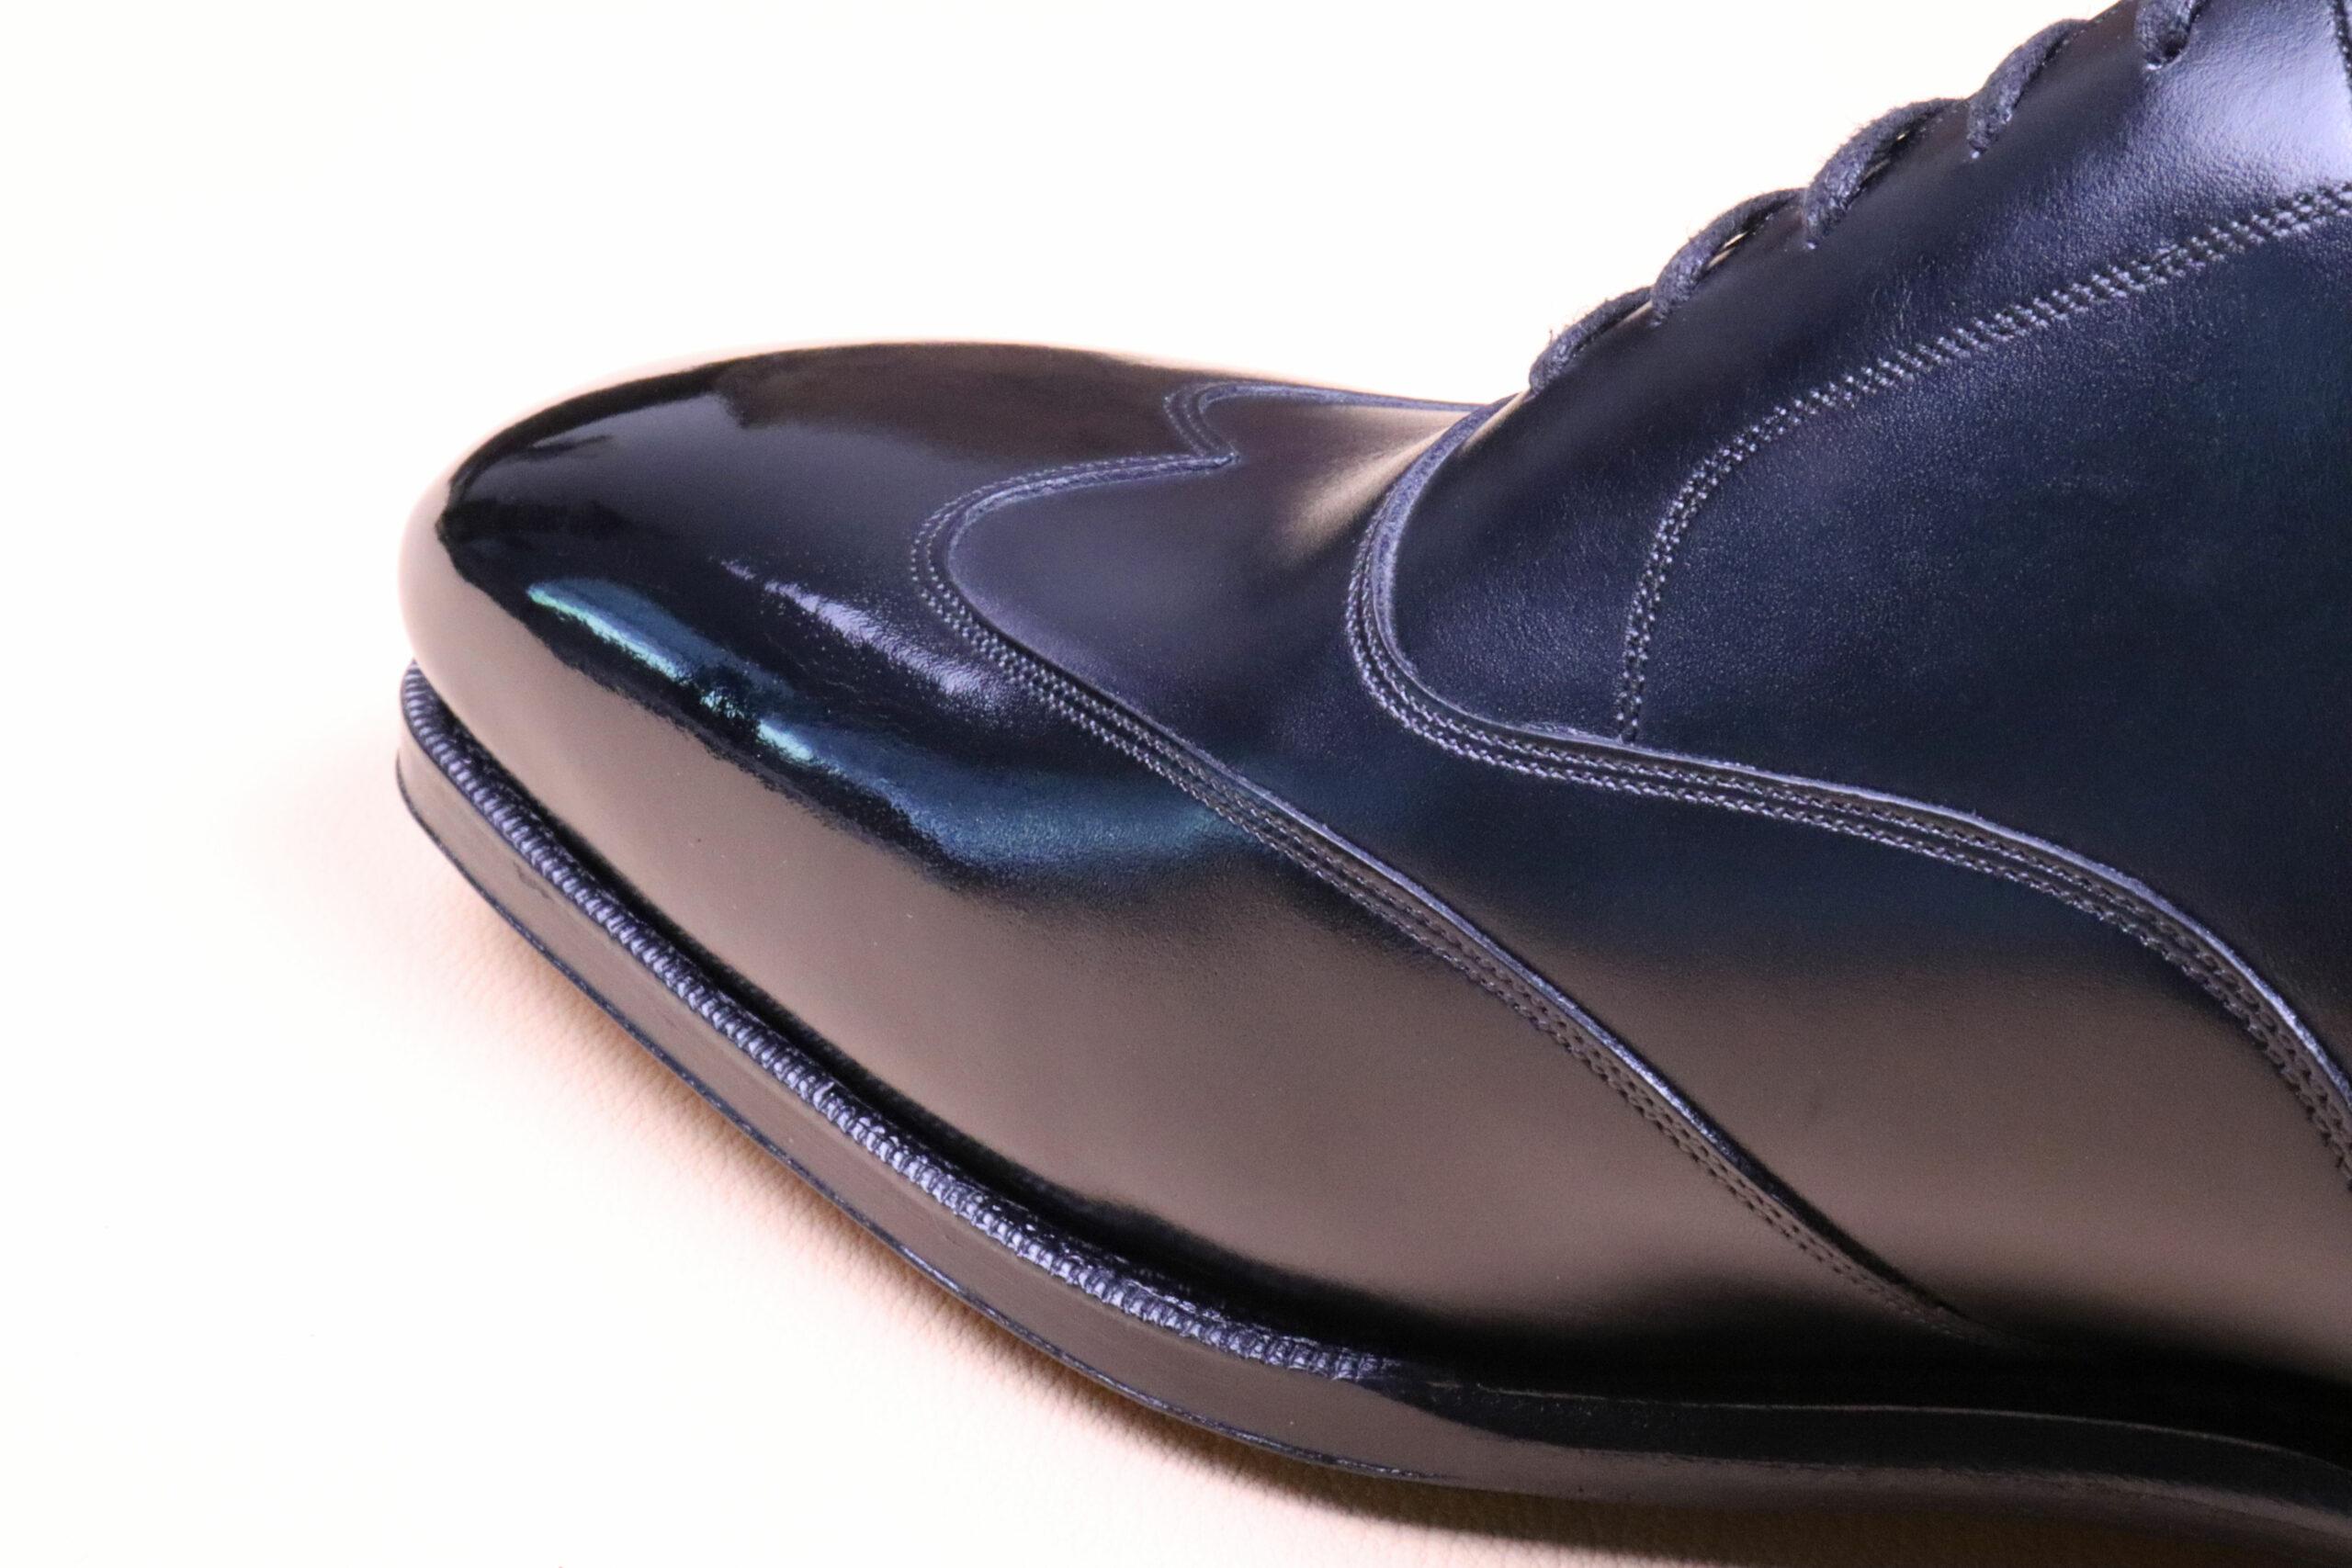 Le travail de piquage est vraiment très propre pour une chaussure à moins de 300€ (Source: Sartorialisme)